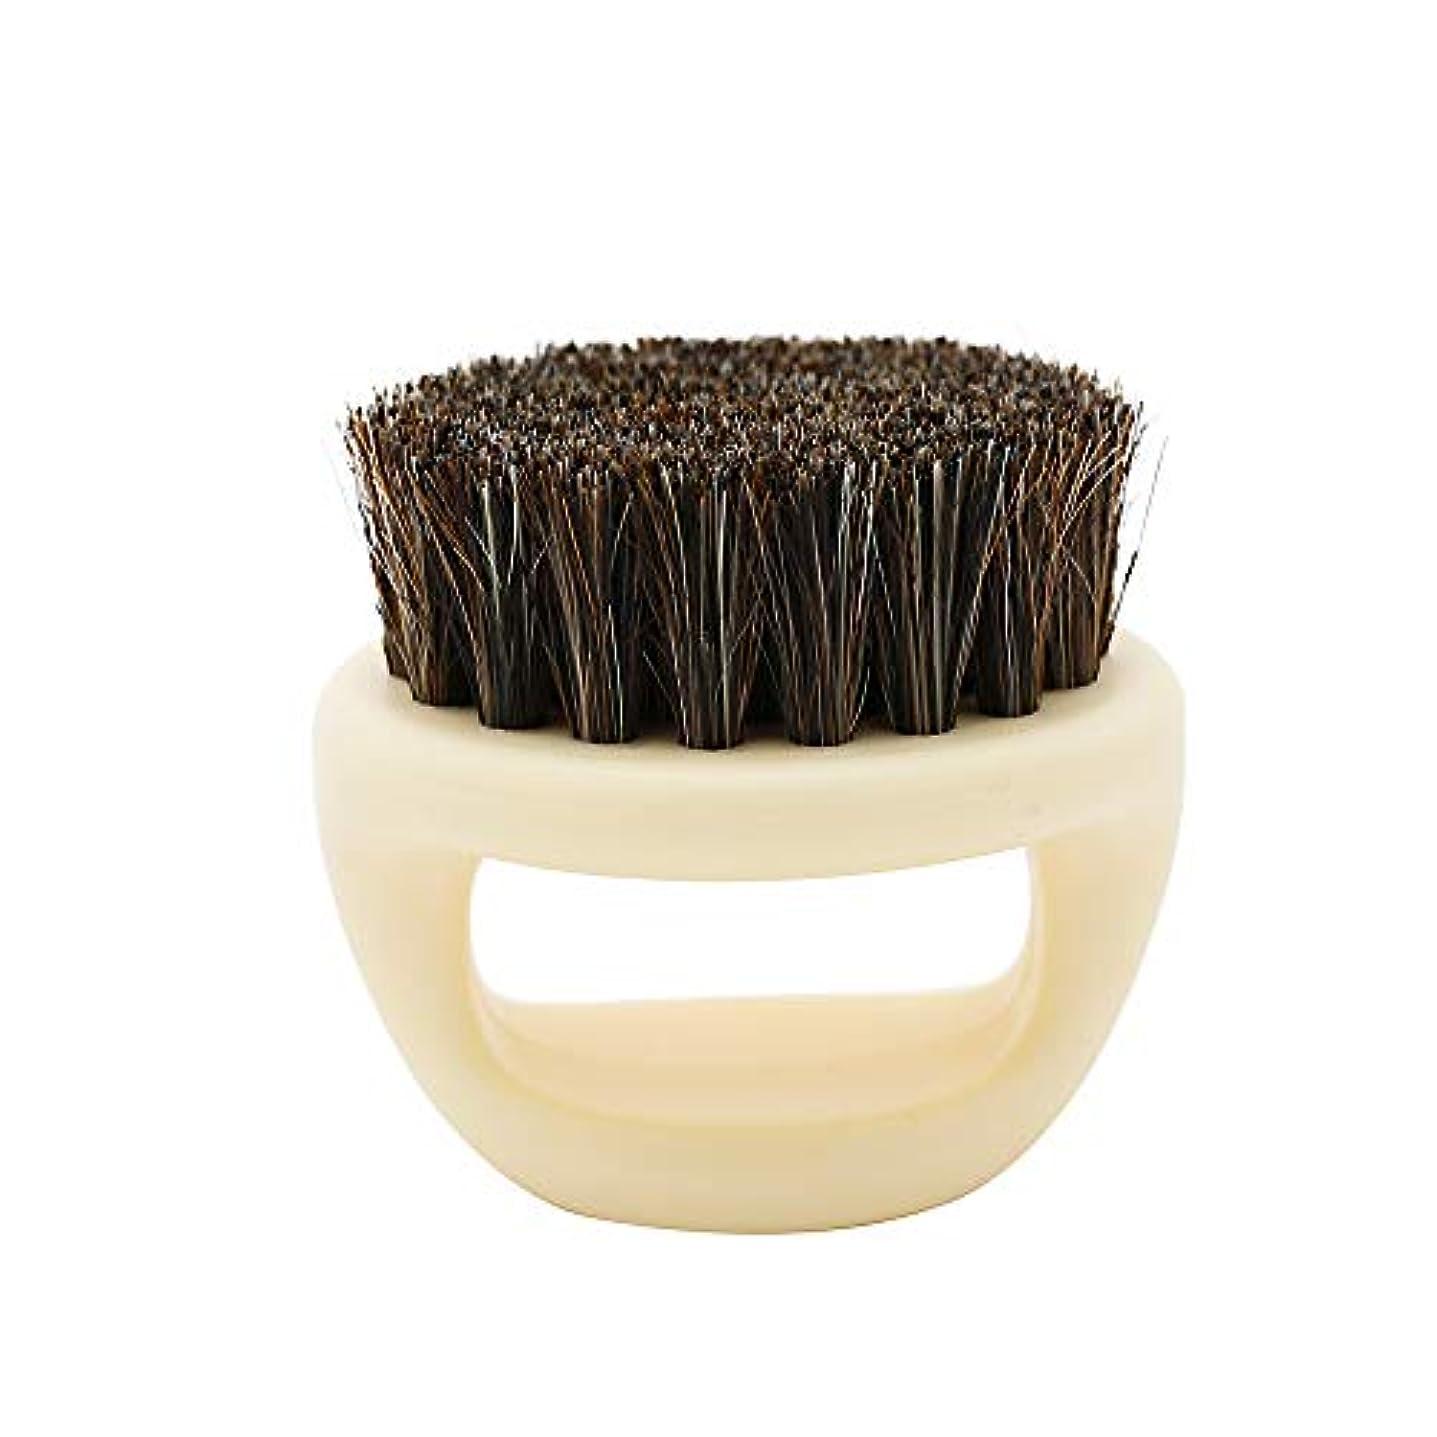 ご飯ターミナル日付付きGaoominy 1個リングデザイン馬毛メンズシェービングブラシプラスチック製の可搬式理容ひげブラシサロンフェイスクリーニングかみそりブラシ(ホワイト)